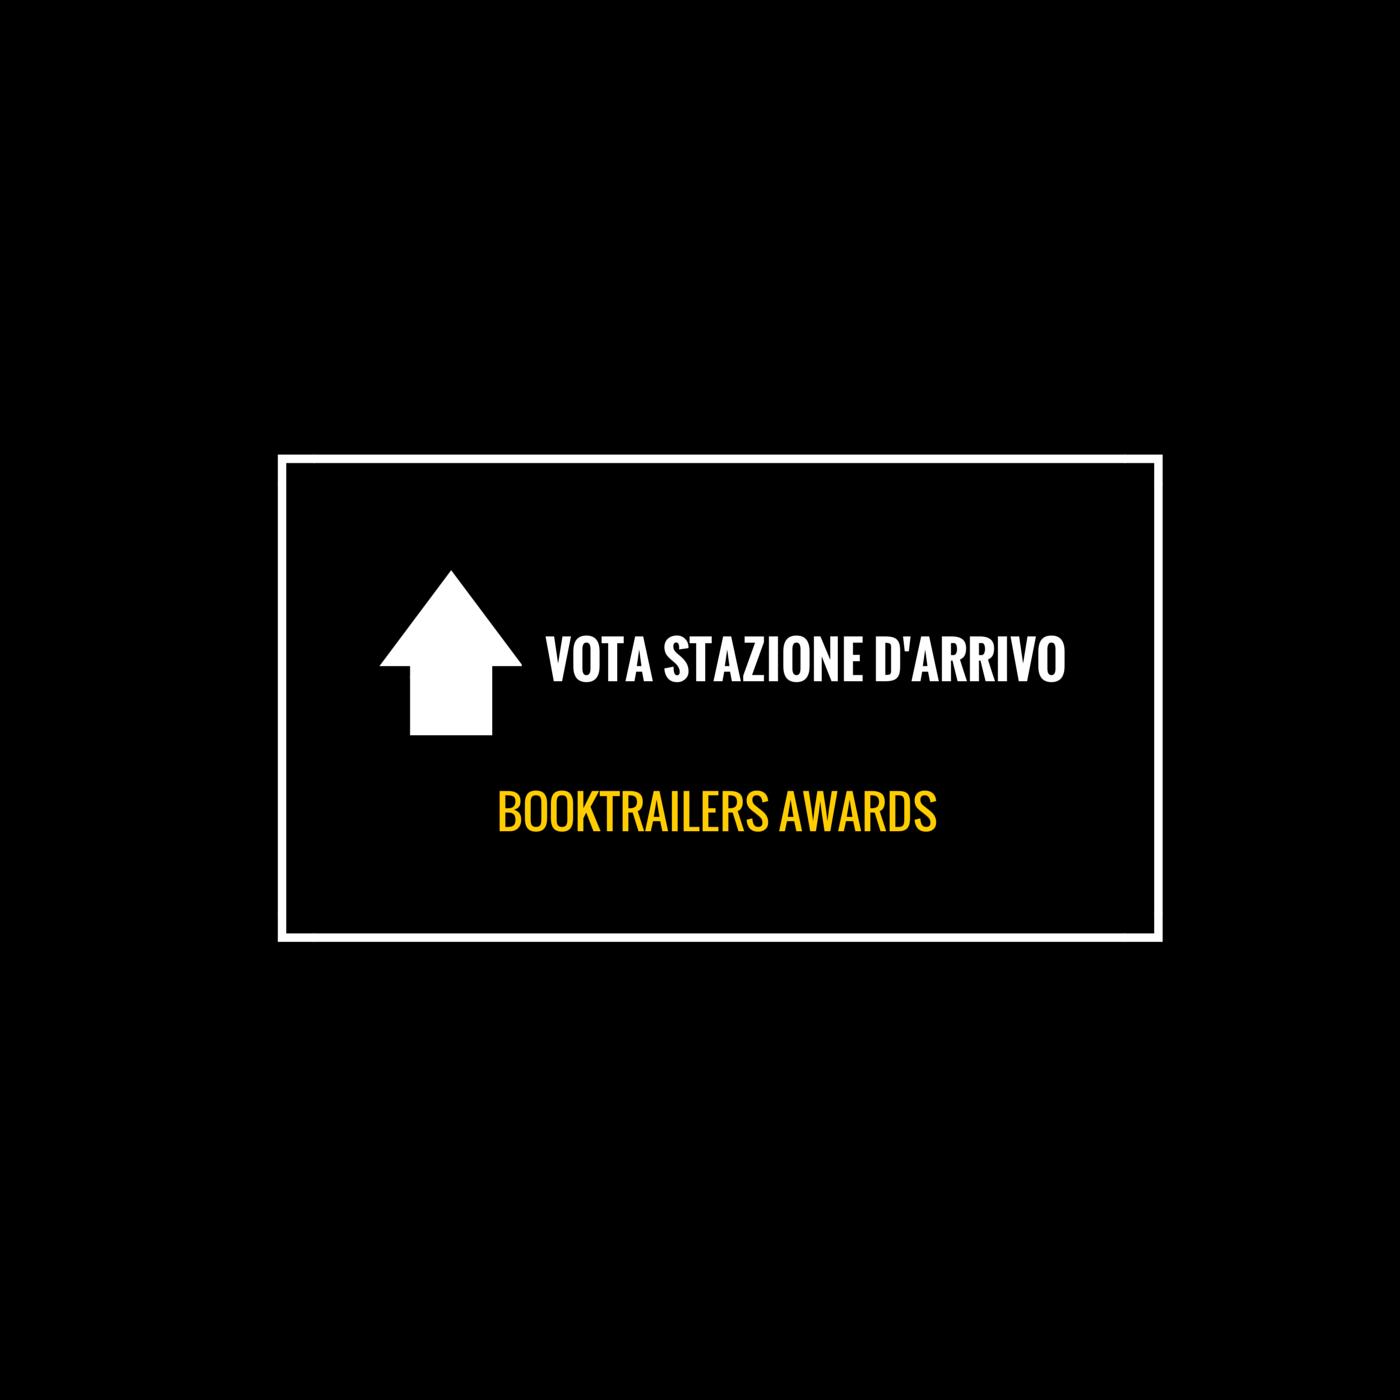 Vota il booktrailer di STAZIONE D'ARRIVO